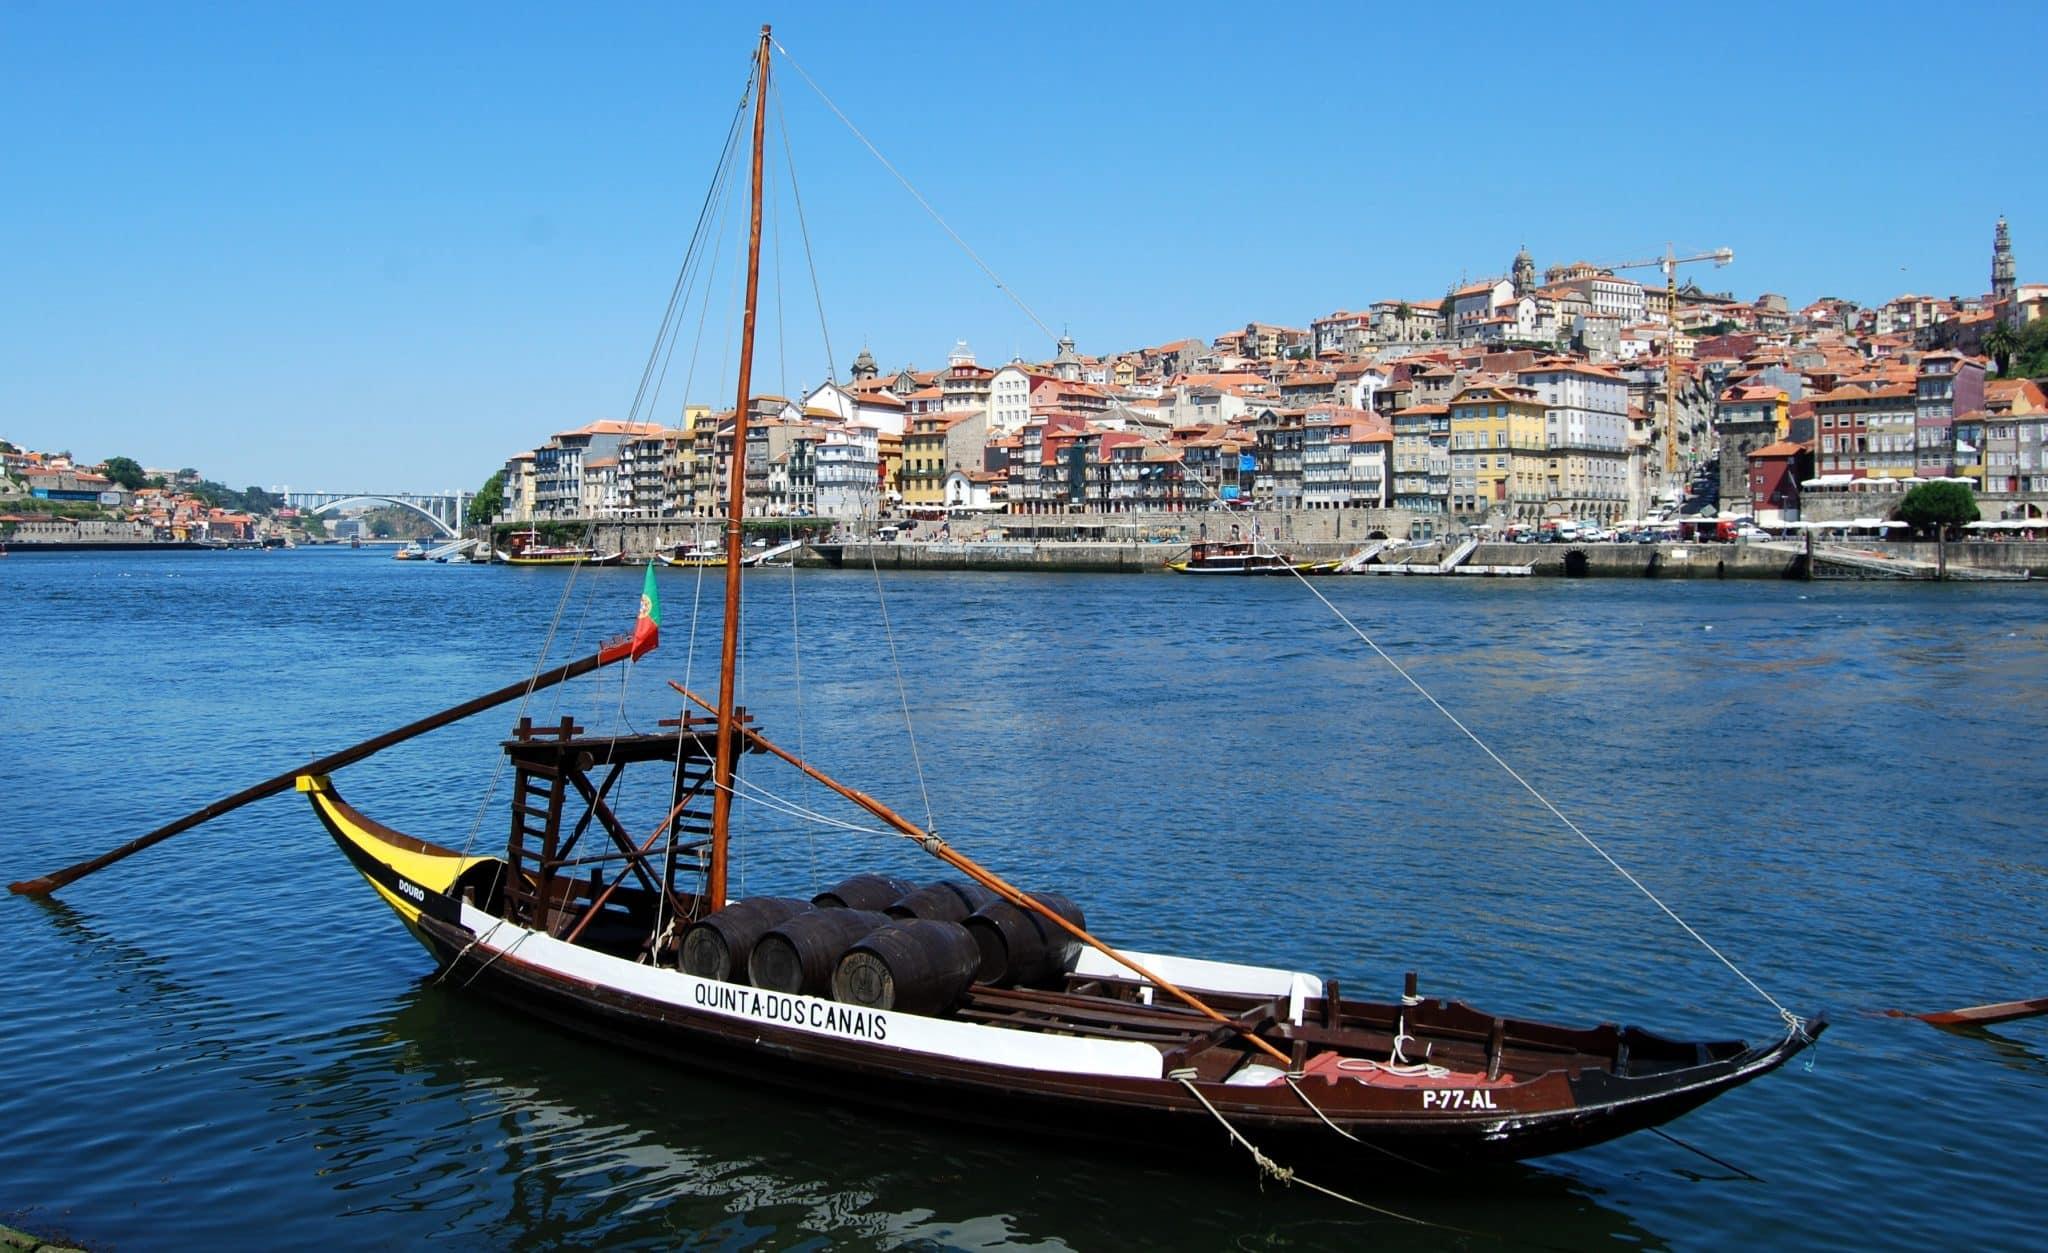 sea-wine-boat-river de porto